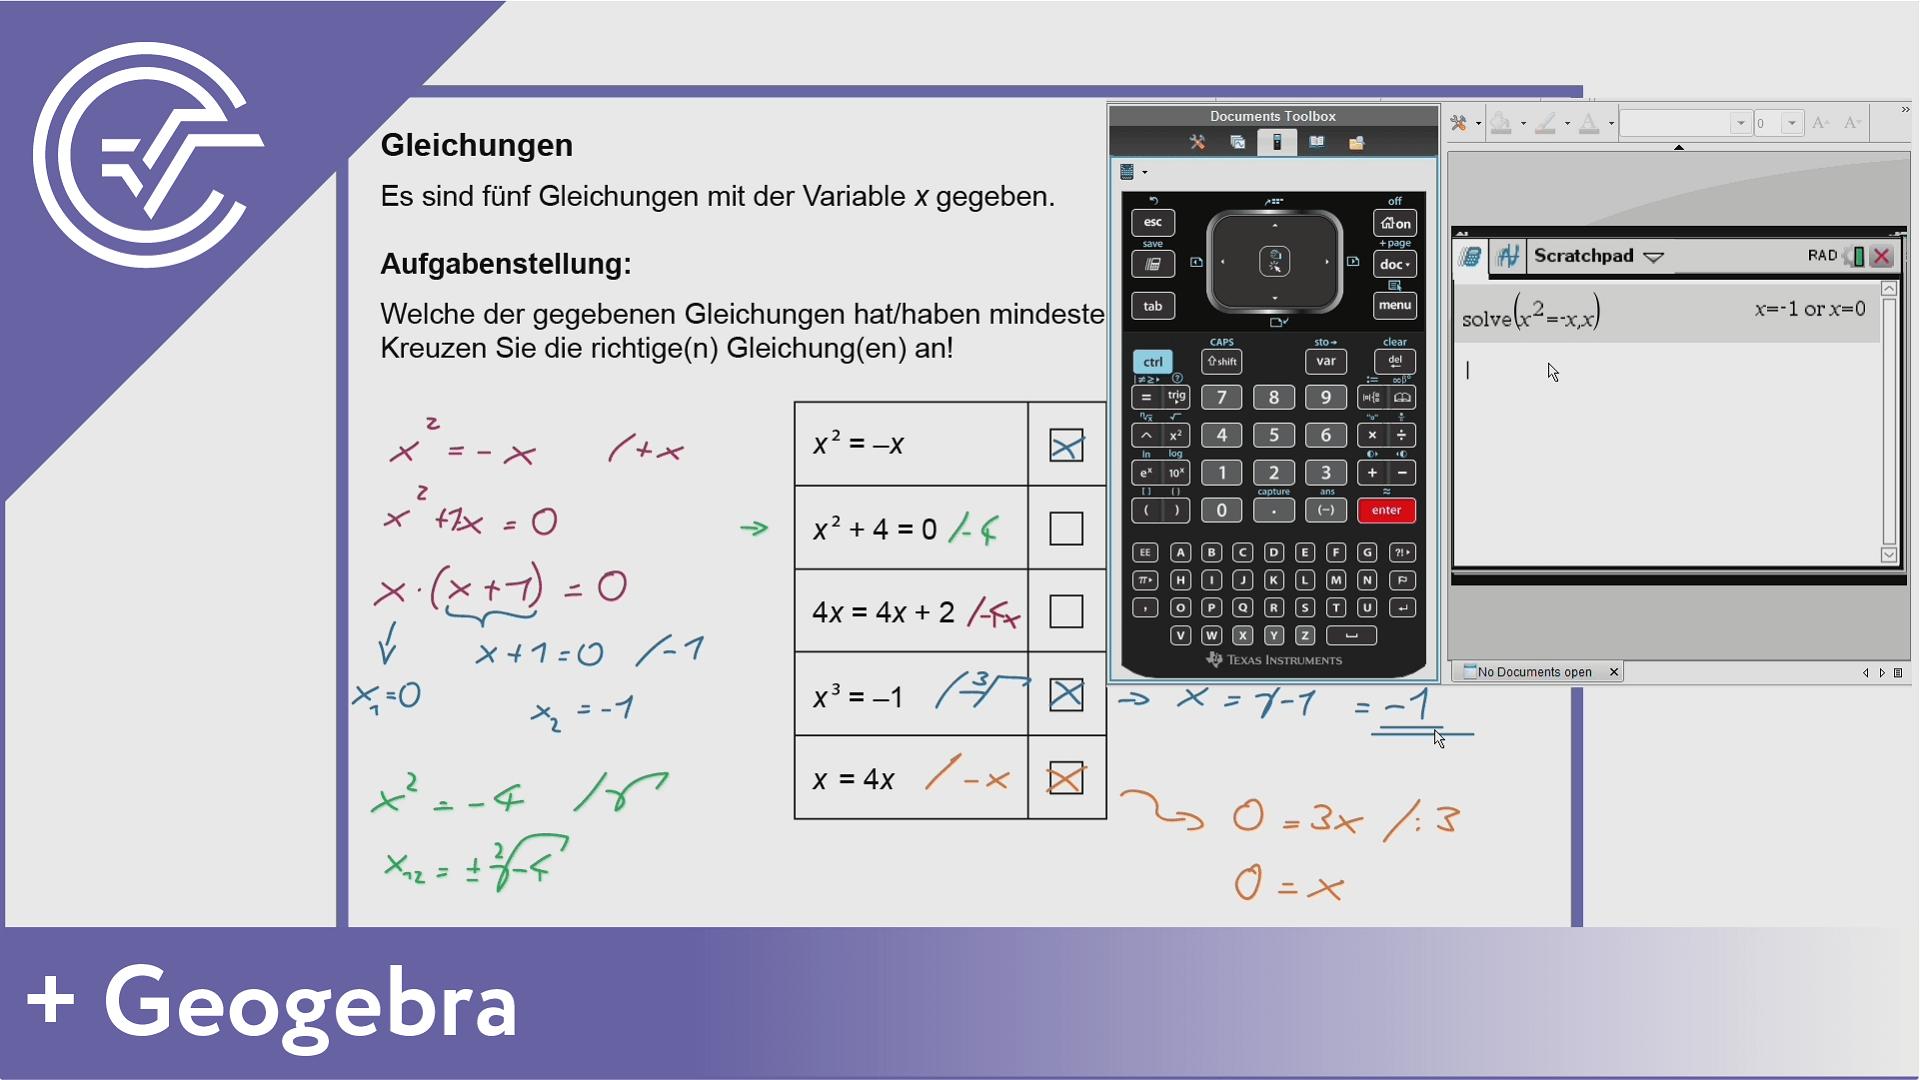 AHS Zentralmatura Aufgabe 1 - Gleichungen lösen